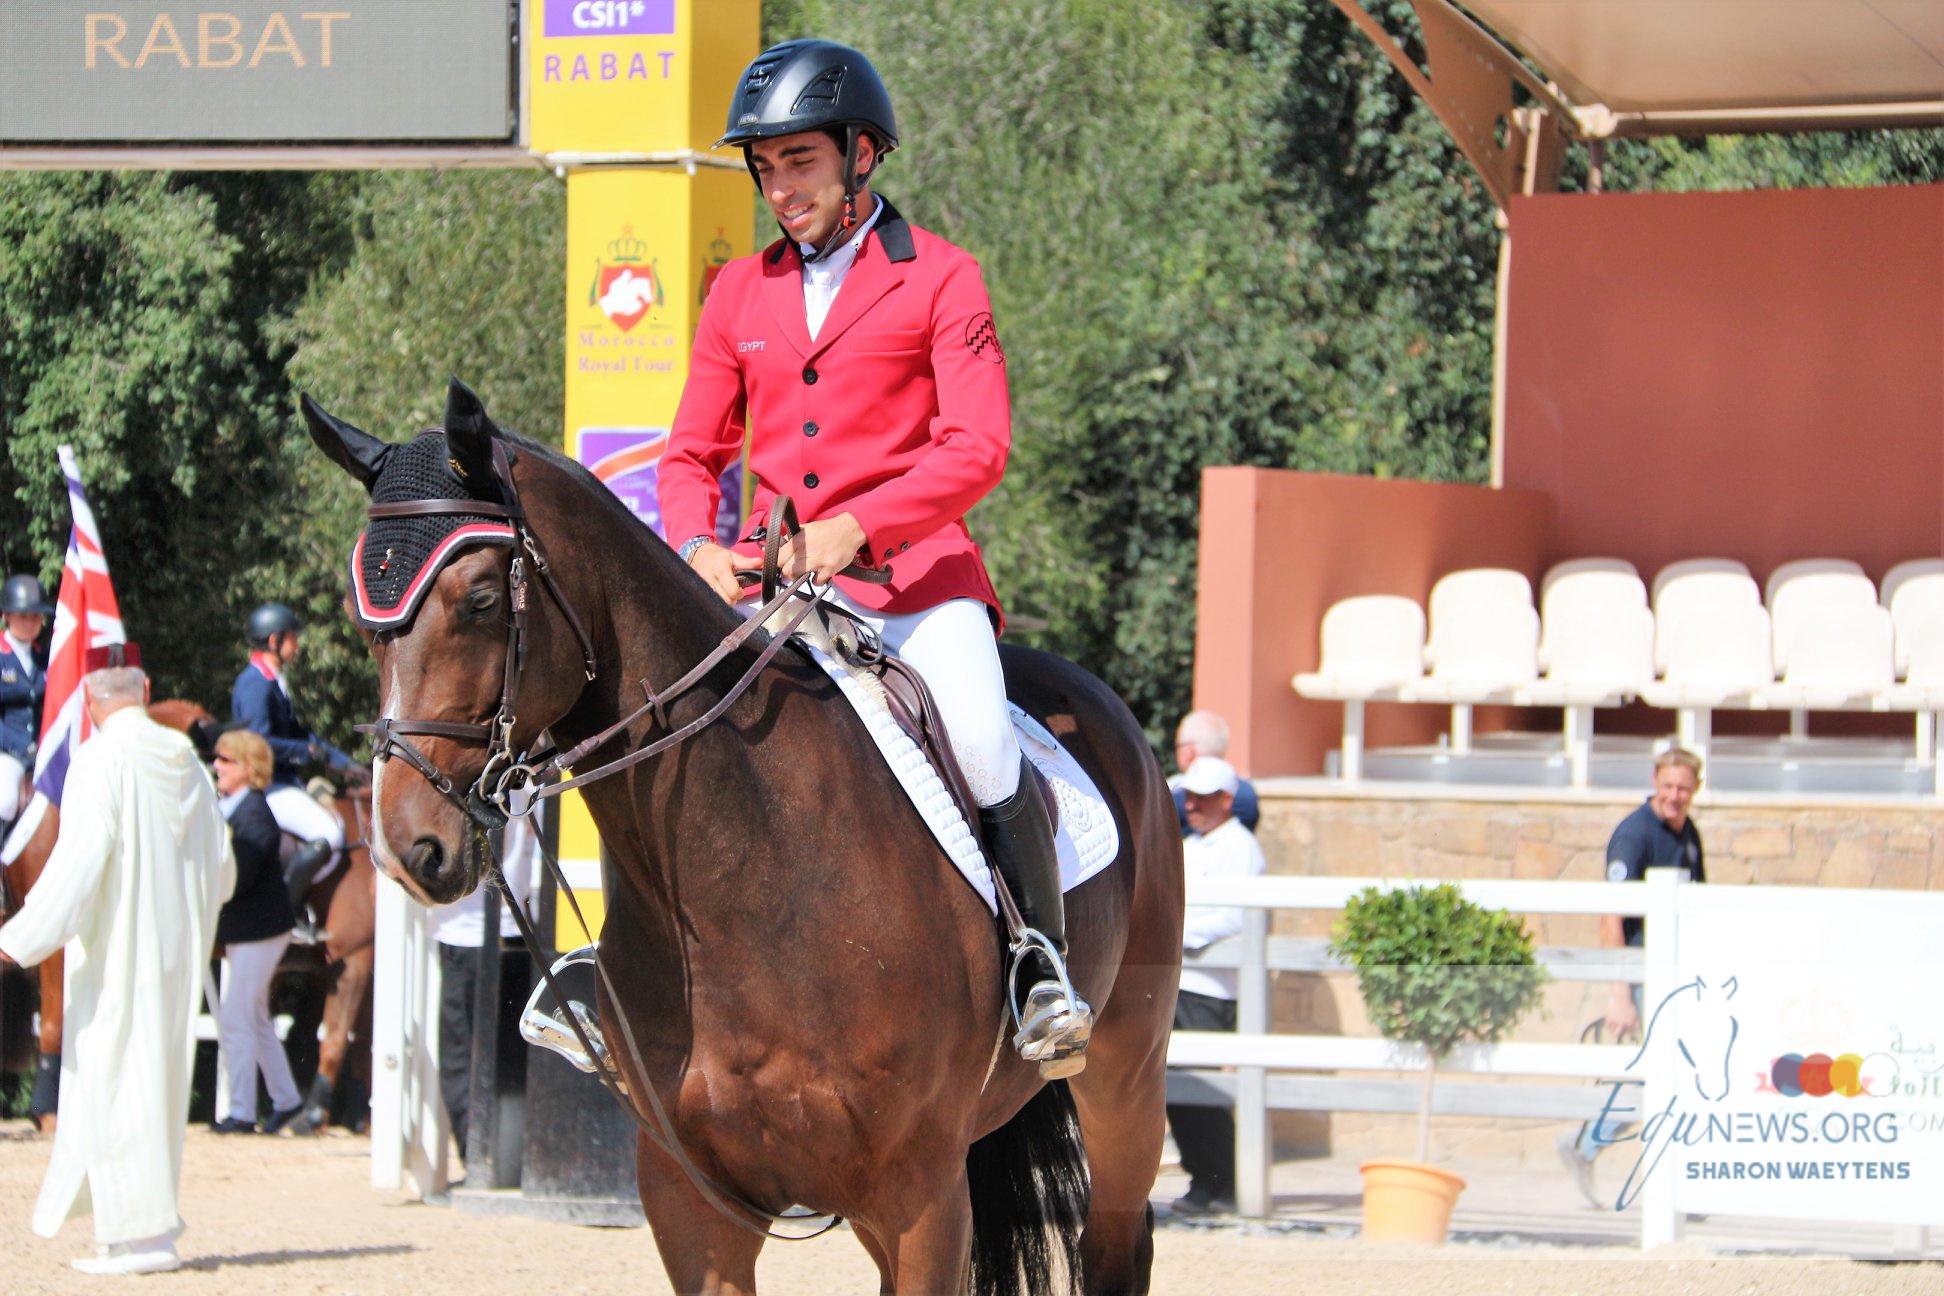 Hubside : Abdel Saïd  à la troisième place du 1.40m, Charles Berthol vainqueur